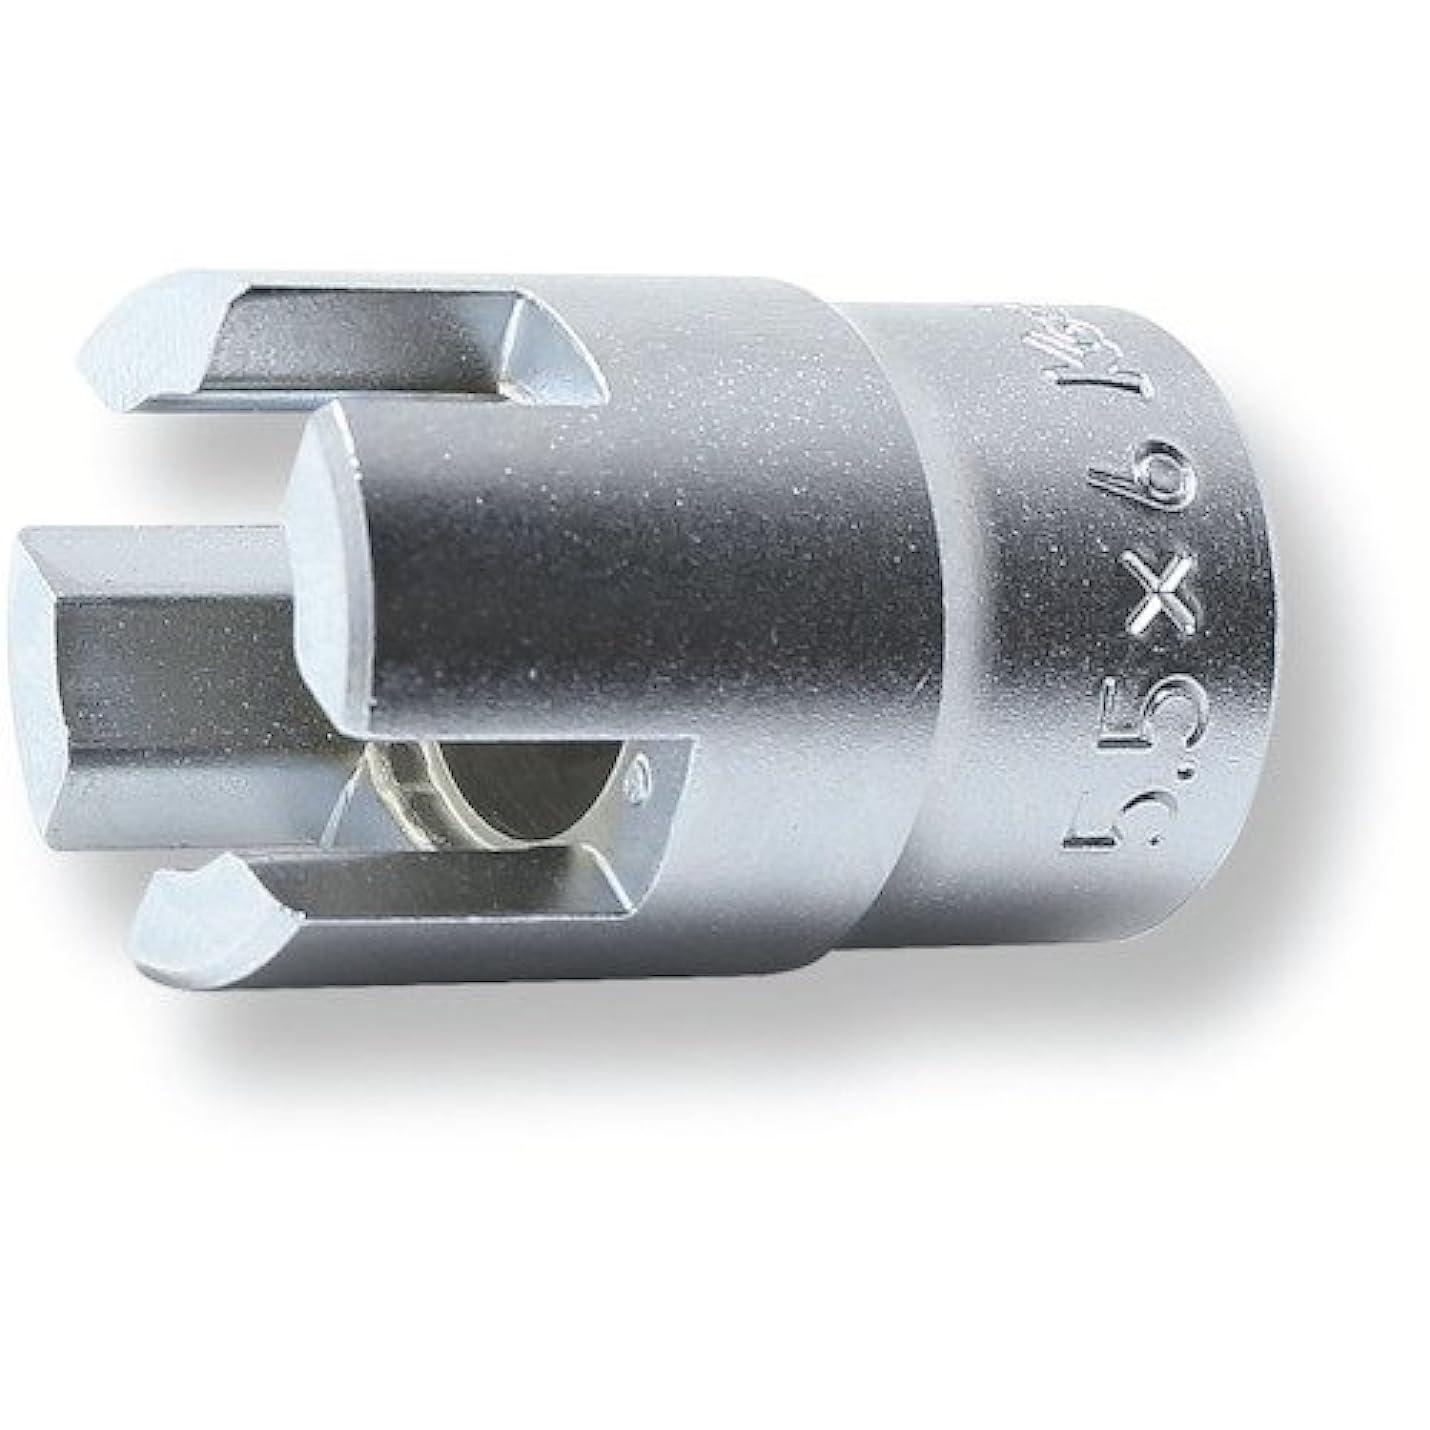 純粋な毛皮素子コーケン ソケット 3/8(9.5mm)SQ. 蝶ネジ用ソケット 5.5×6mm 3119-5.5×6